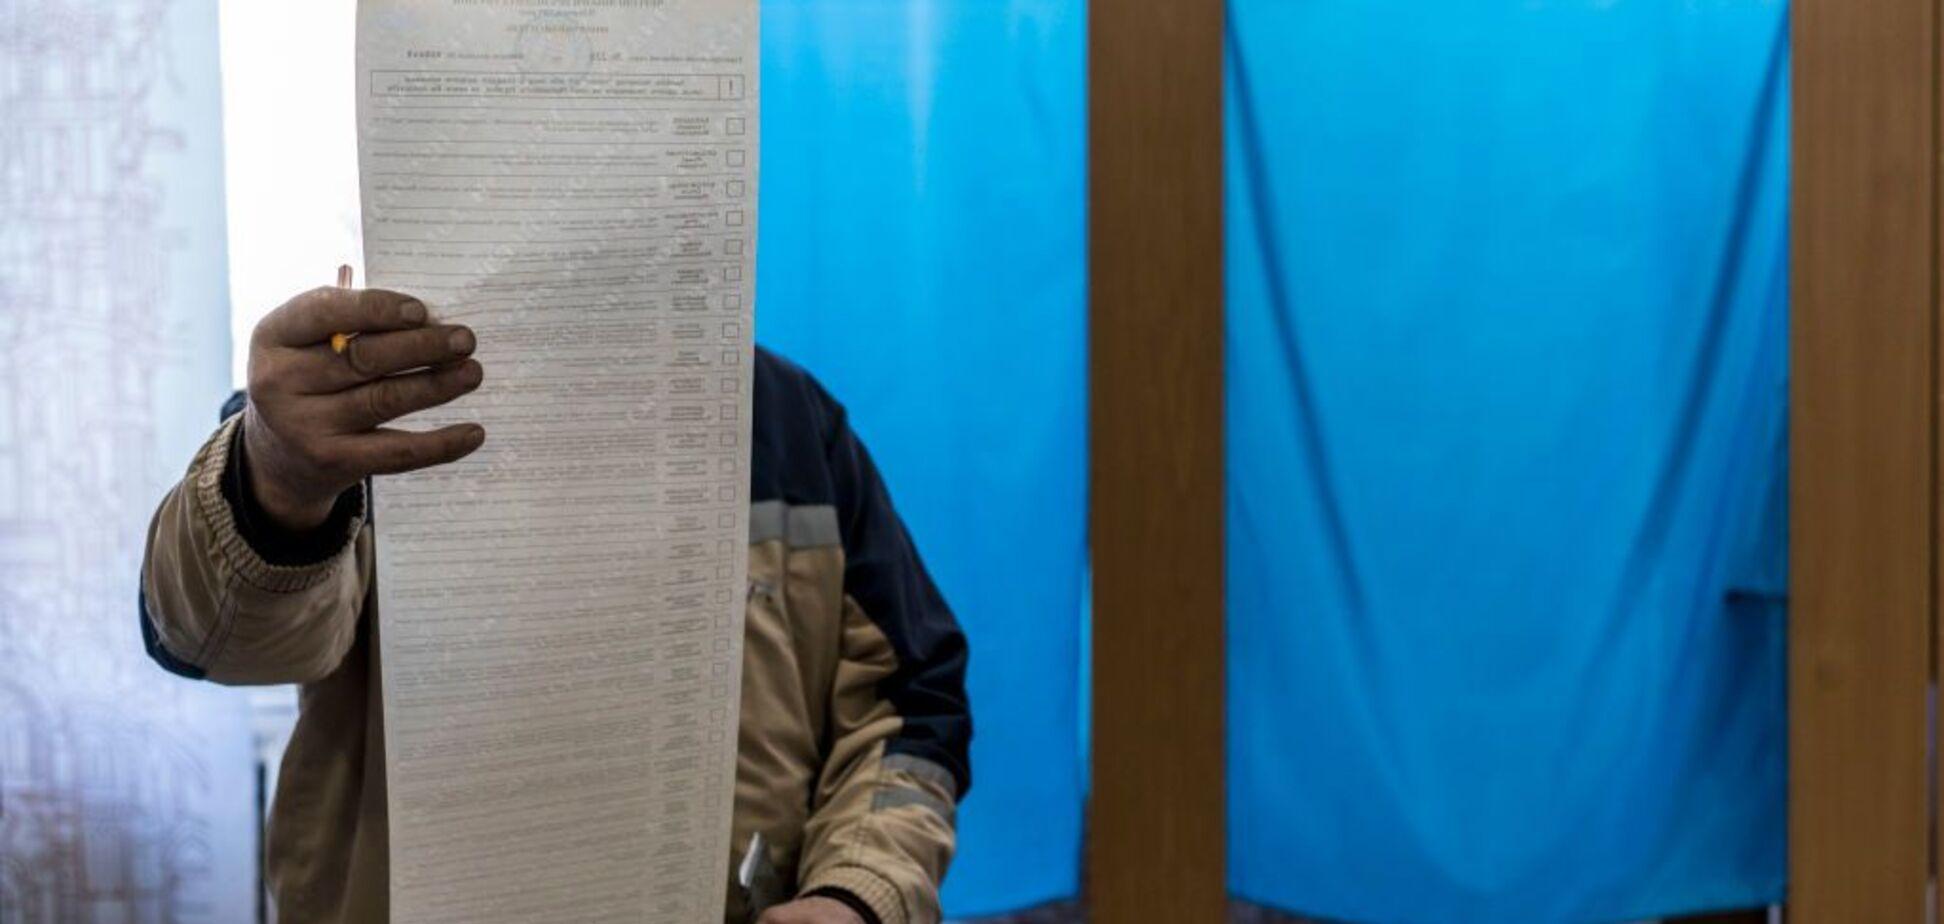 Постили протоколи і їли бюлетені: в Нацполіції розповіли про порушення на виборах